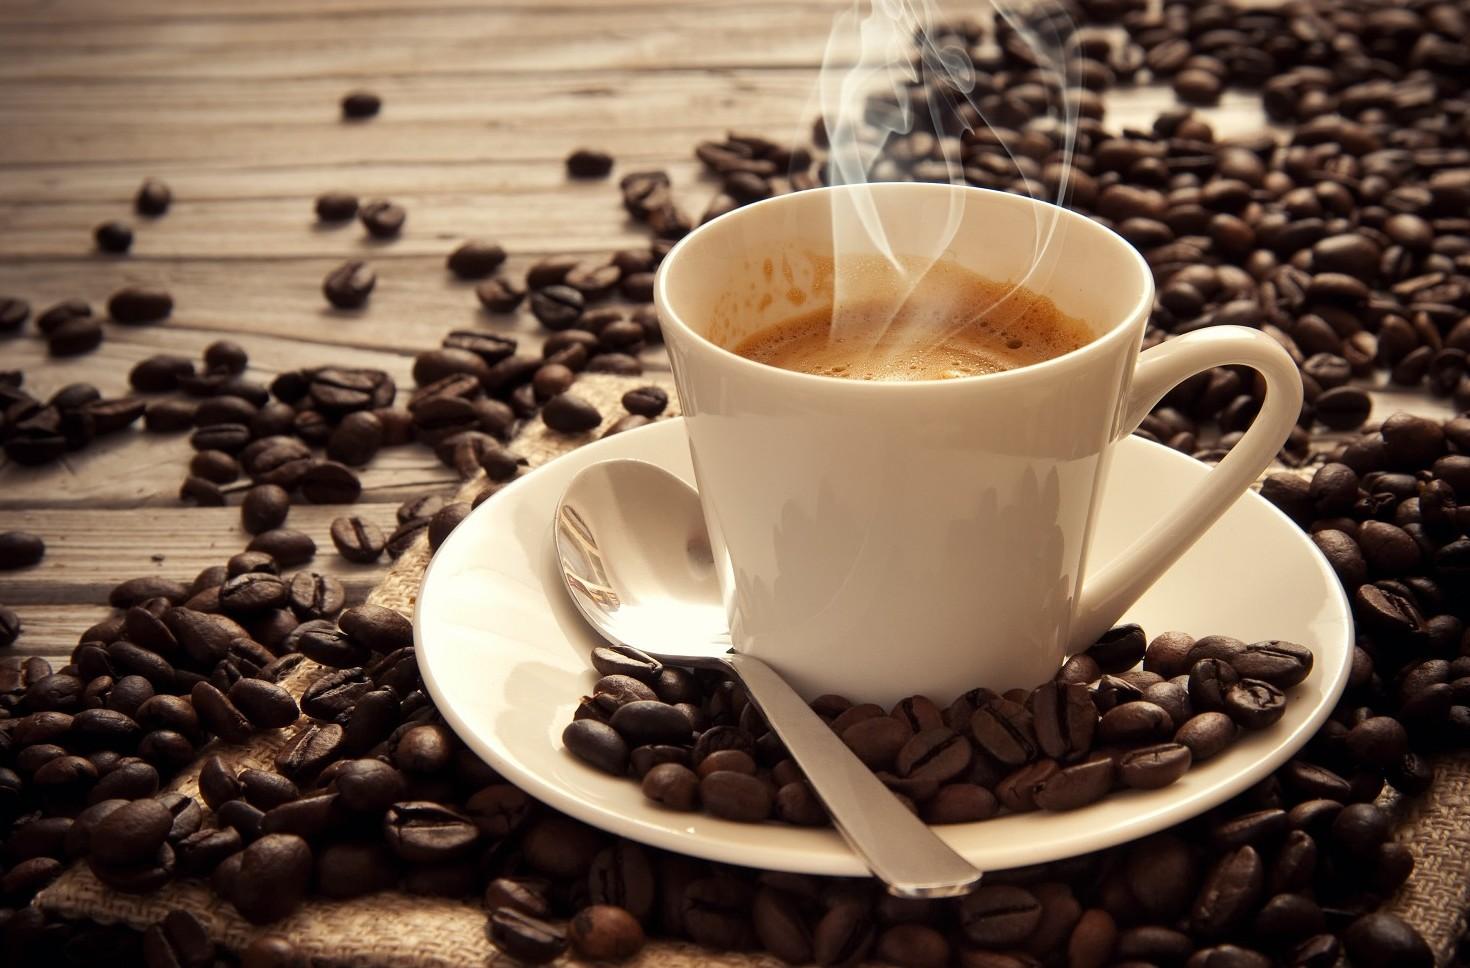 Caff�, studi scientifici rivelano gli ef